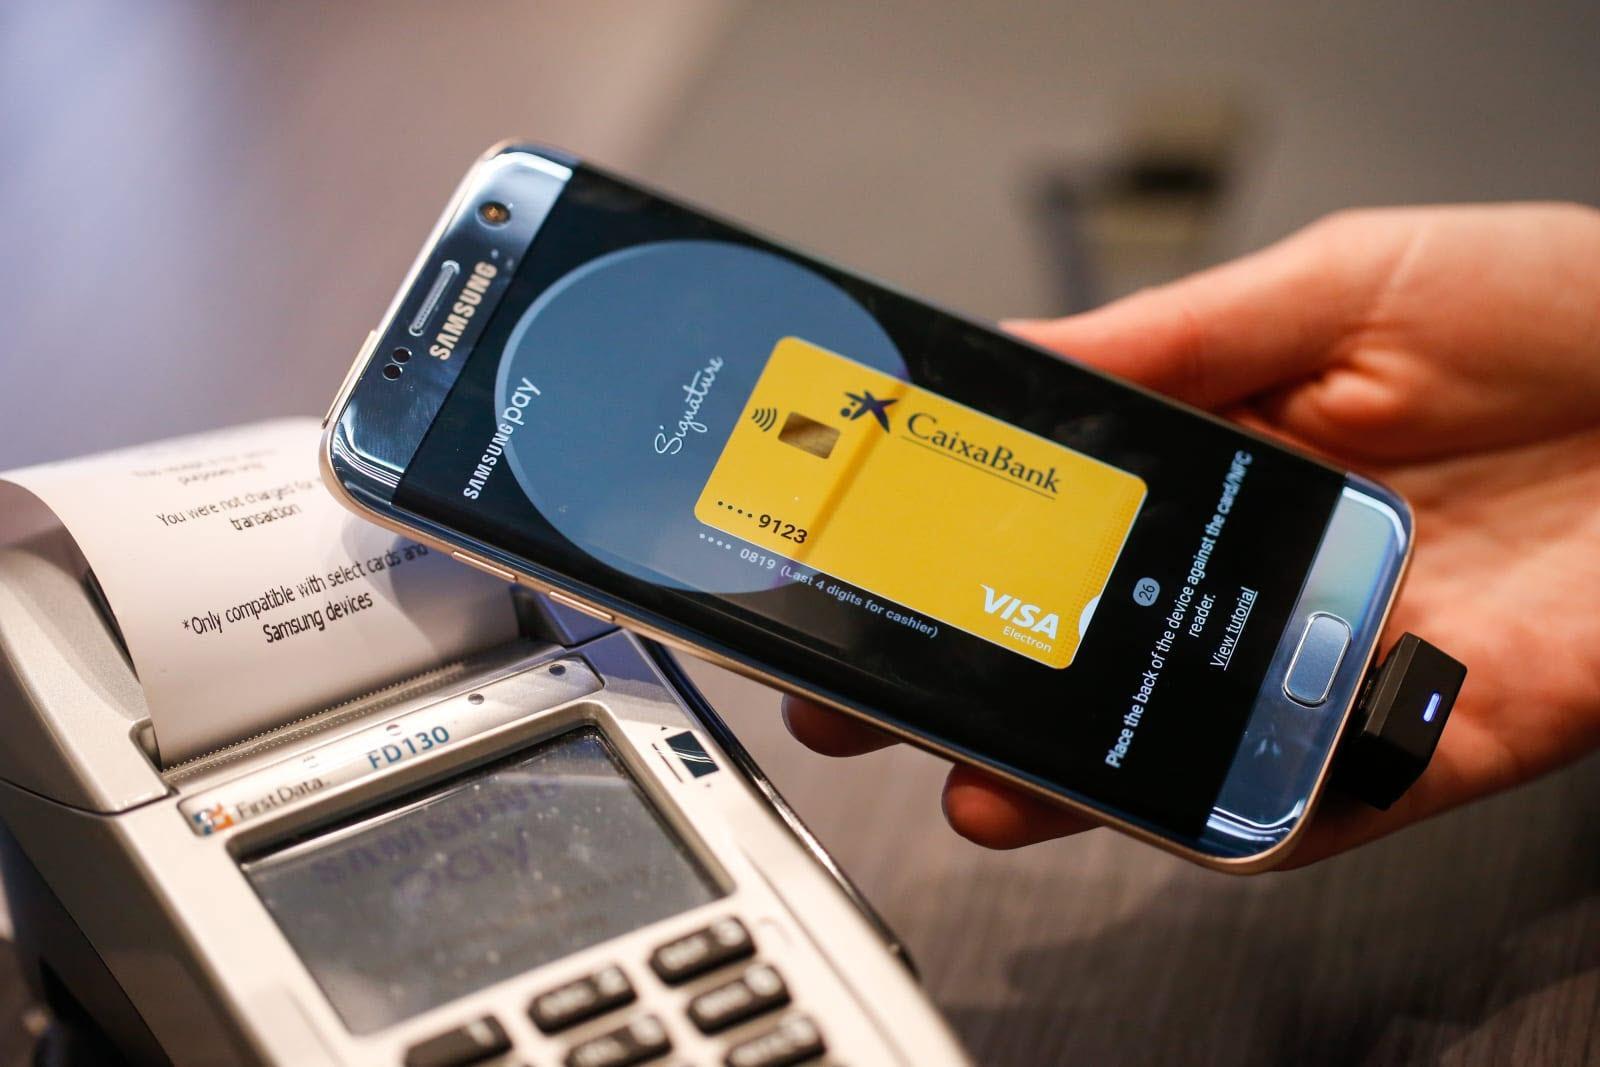 Samsung ra mắt thẻ ghi nợ cạnh tranh với Apple Pay vào mùa hè này - Ảnh 2.